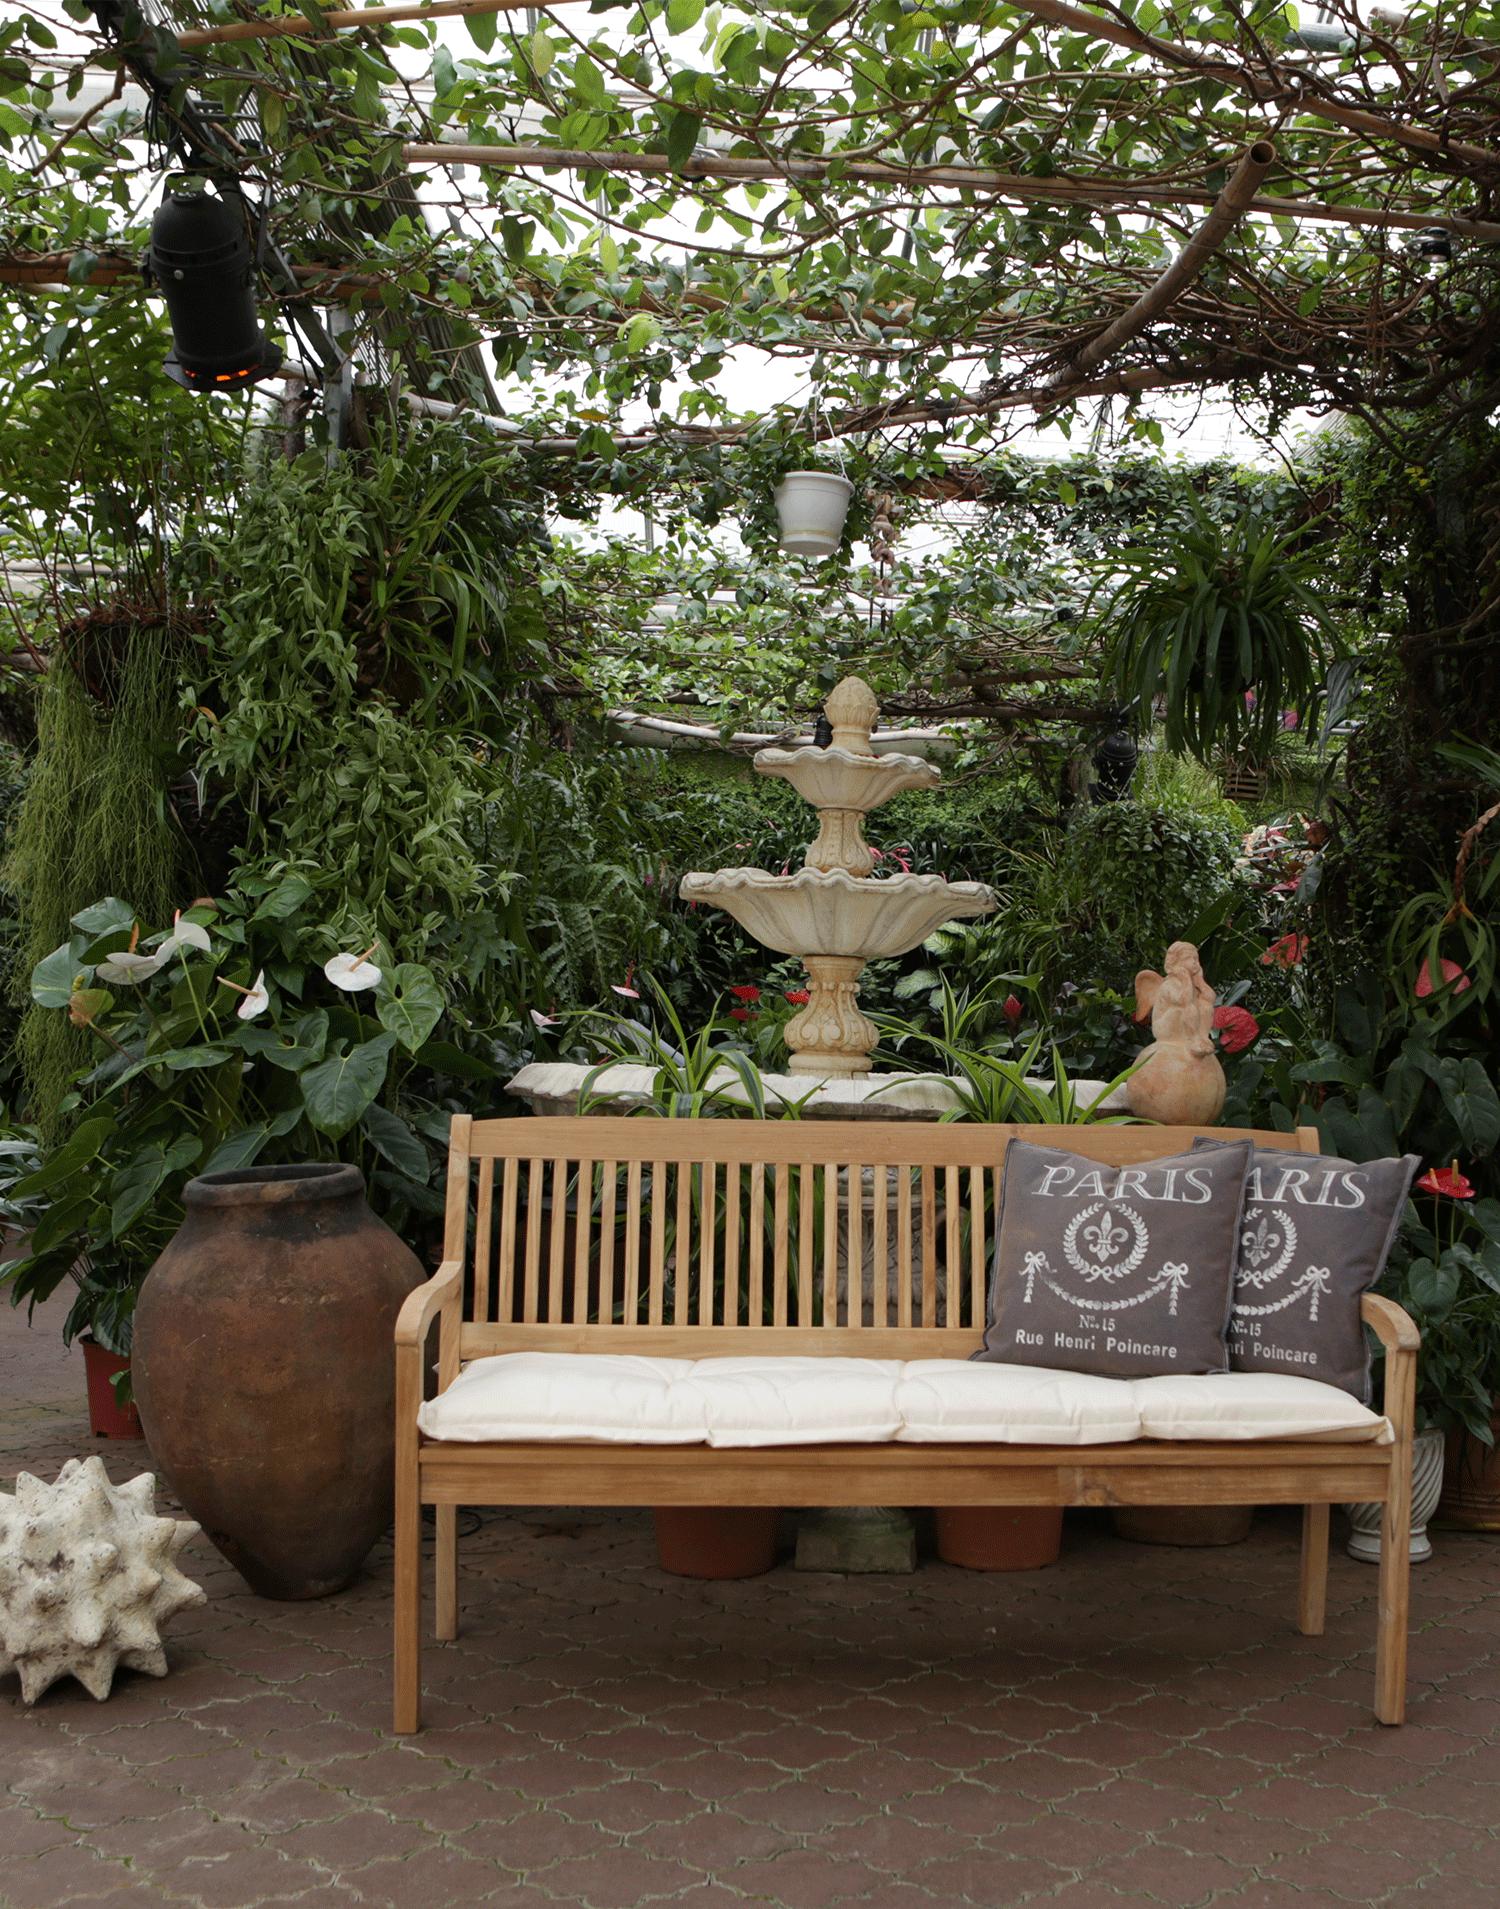 Gartenmobel Abdeckhauben Obi : Die Maison d'Objets sind – wie es der Name schon sagt – der